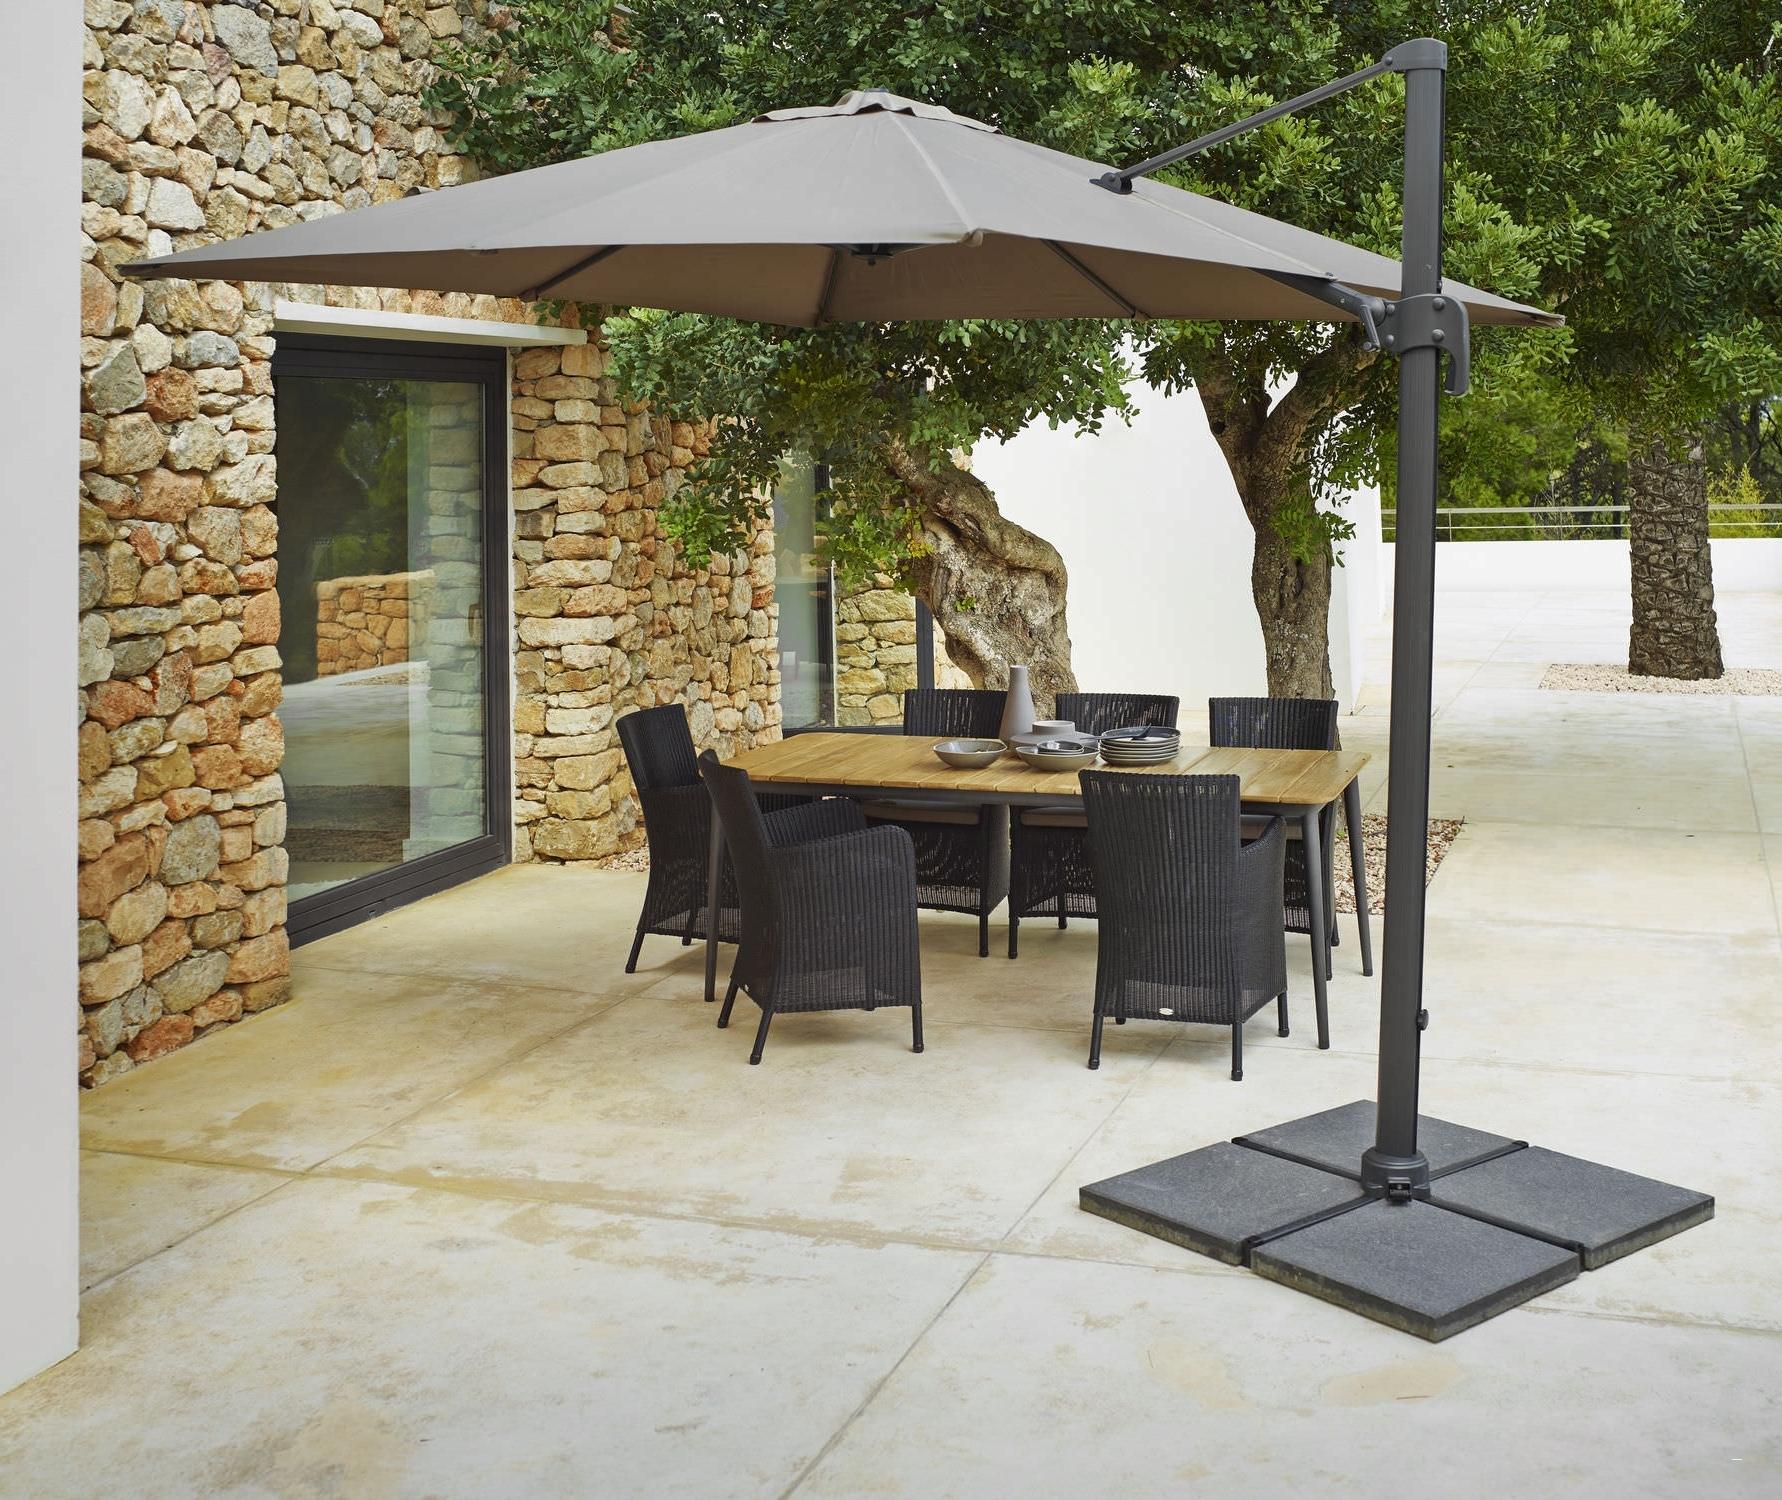 Most Popular Rectangular Offset Patio Umbrella – Brilliant Fset Patio Umbrella With Regard To Rectangular Offset Patio Umbrellas (View 3 of 20)